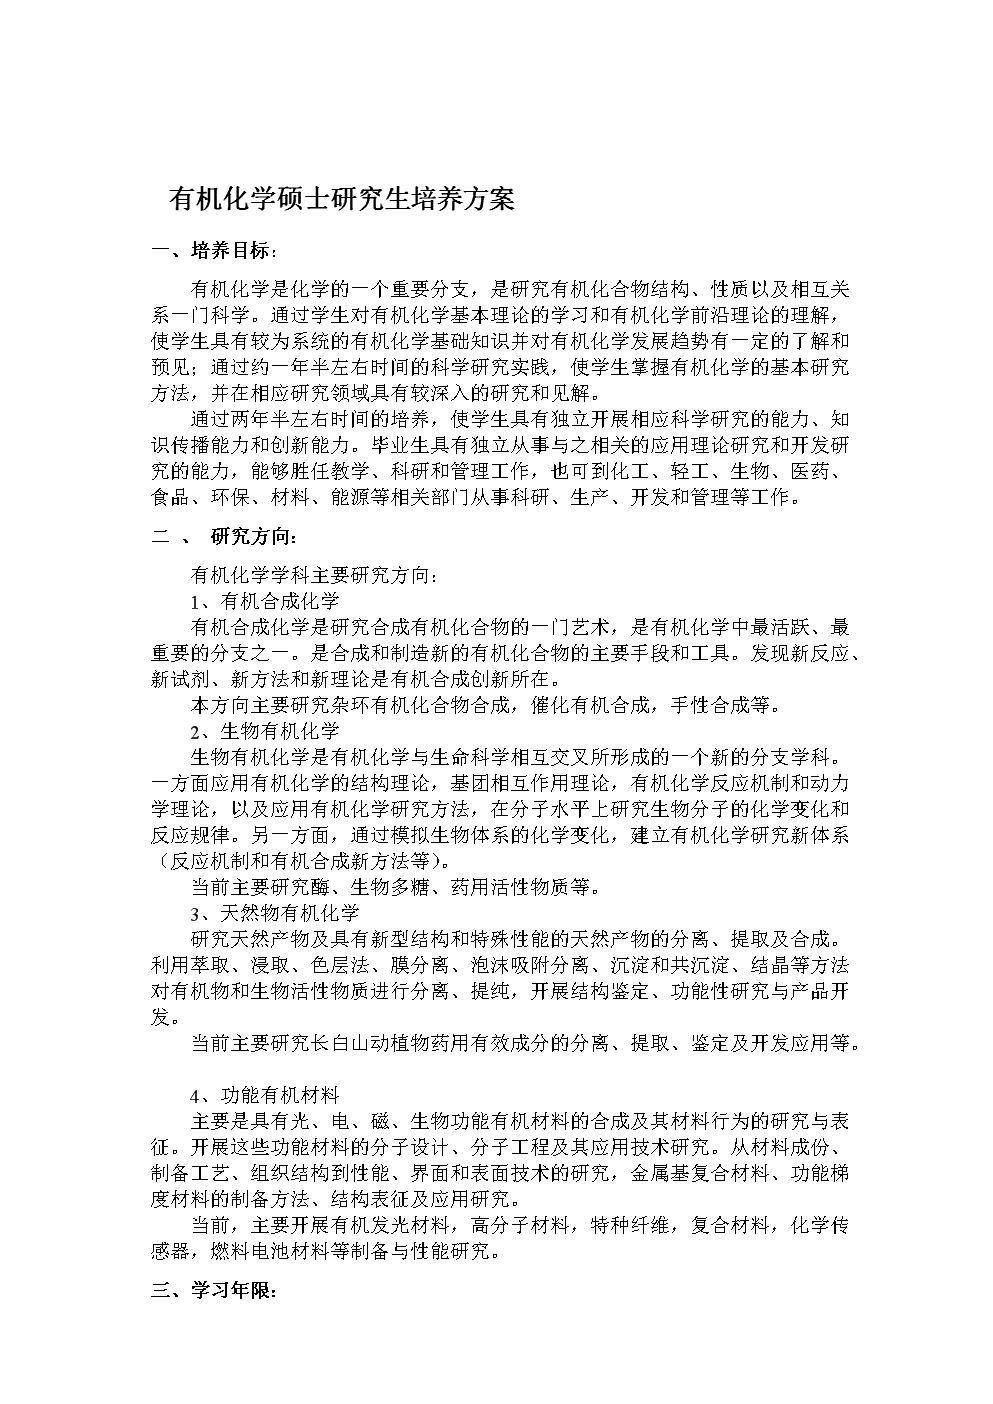 有机化学硕士研究生培养方案.doc